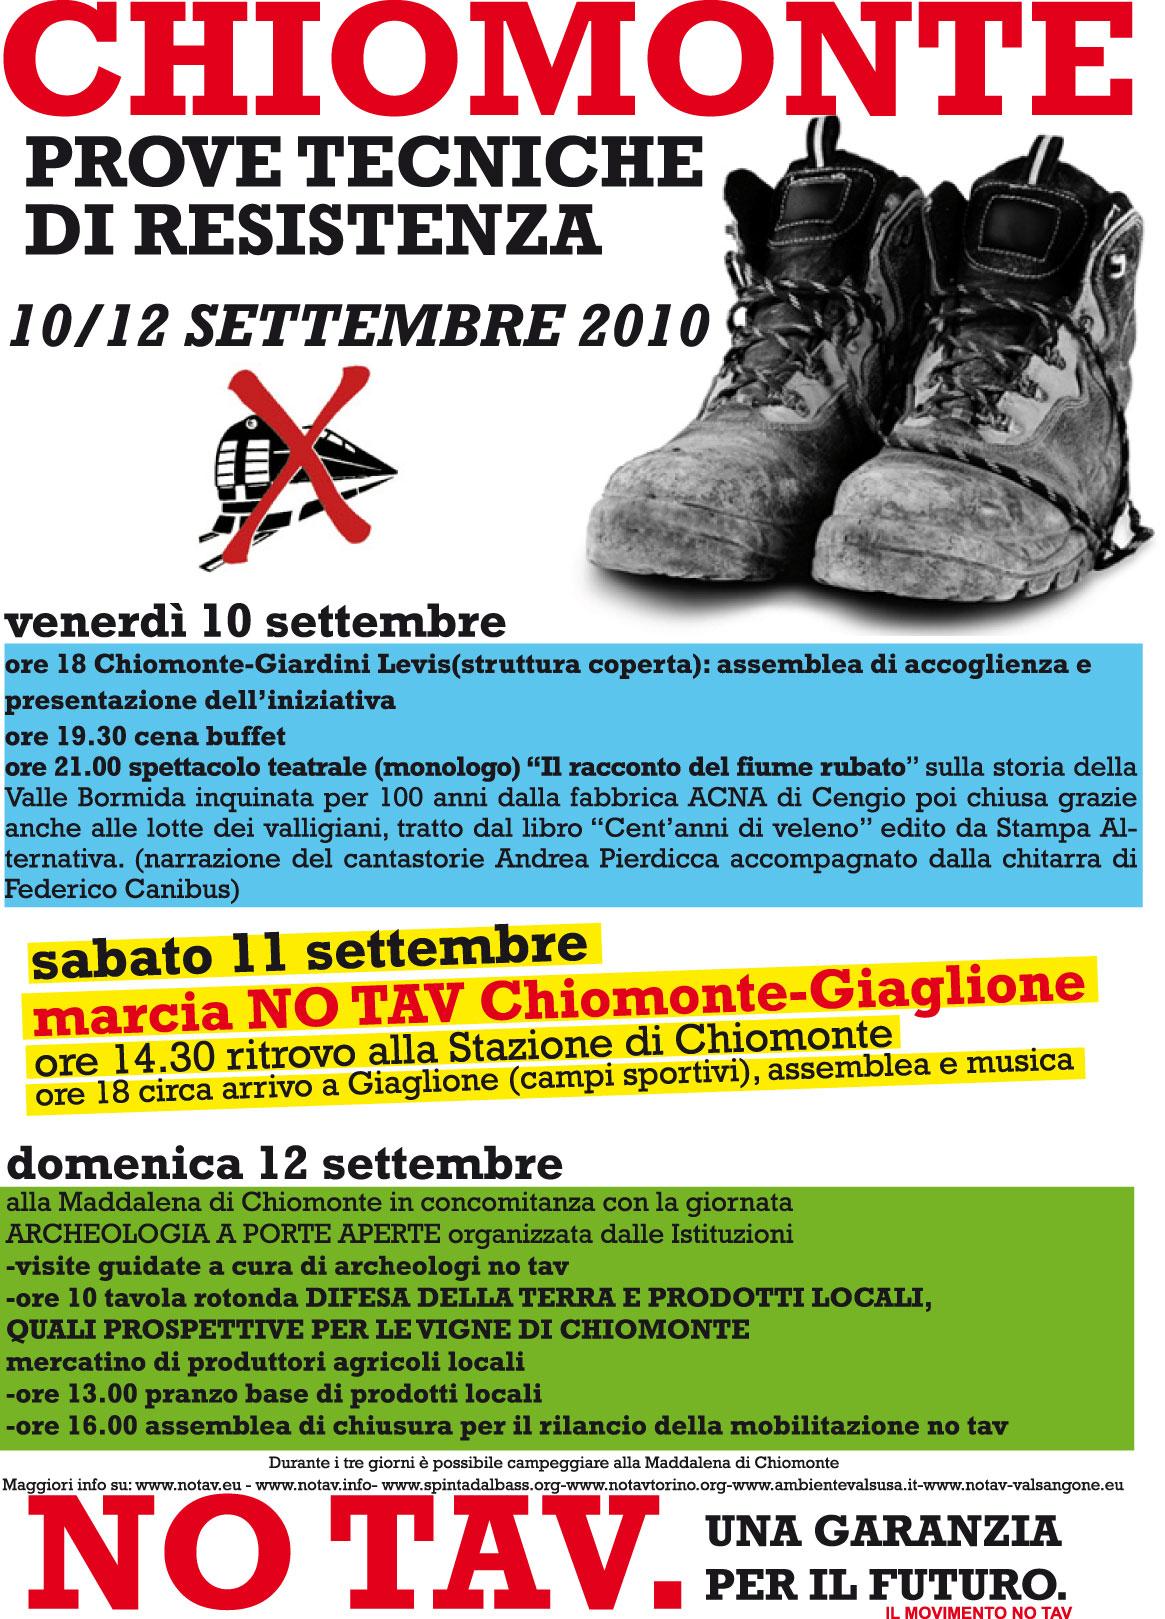 10/12 settembre 2010 - Prove tecniche di Resistenza